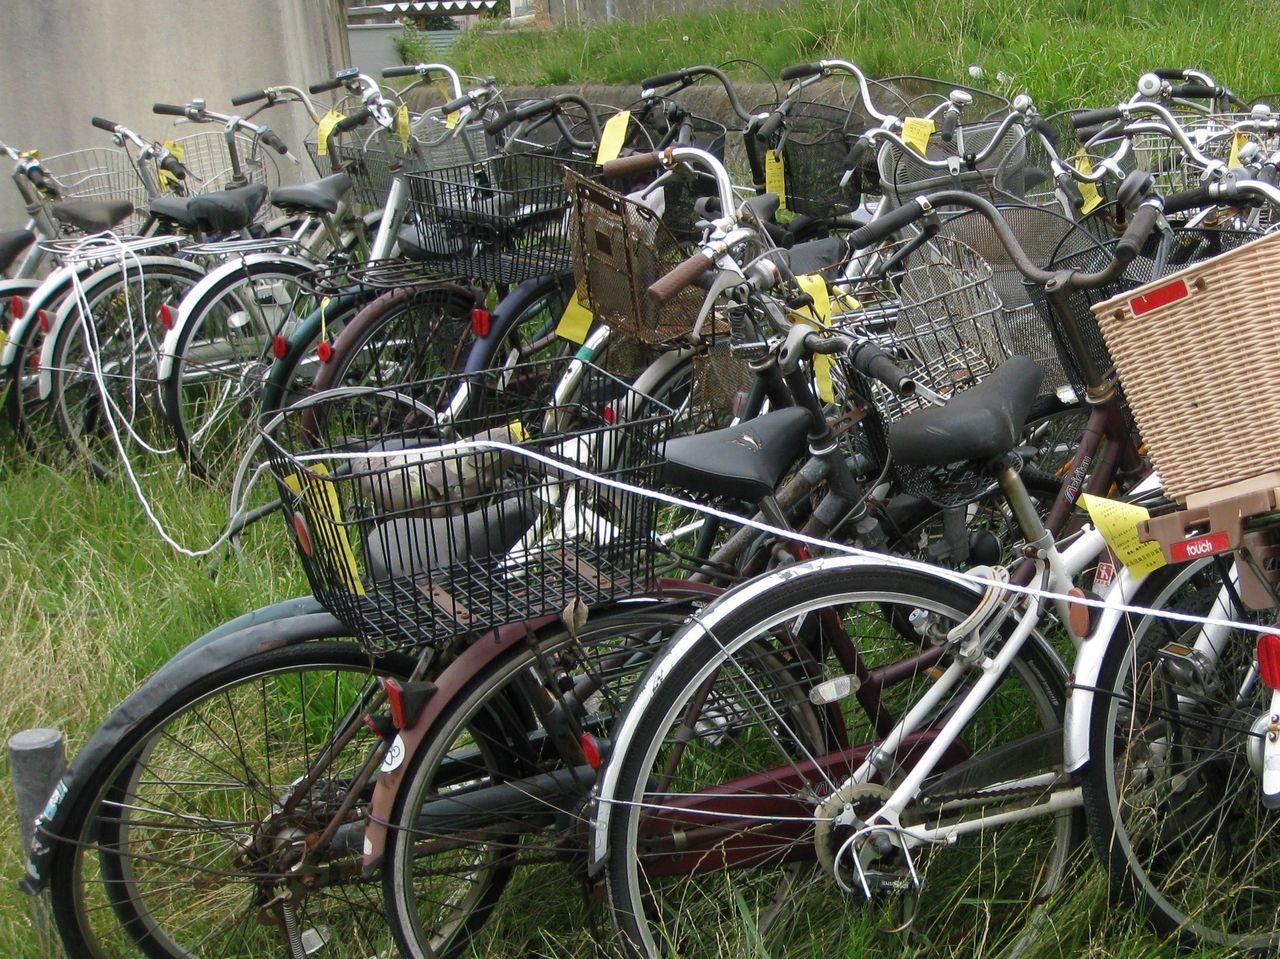 ... ) : 団地内放置自転車の処分